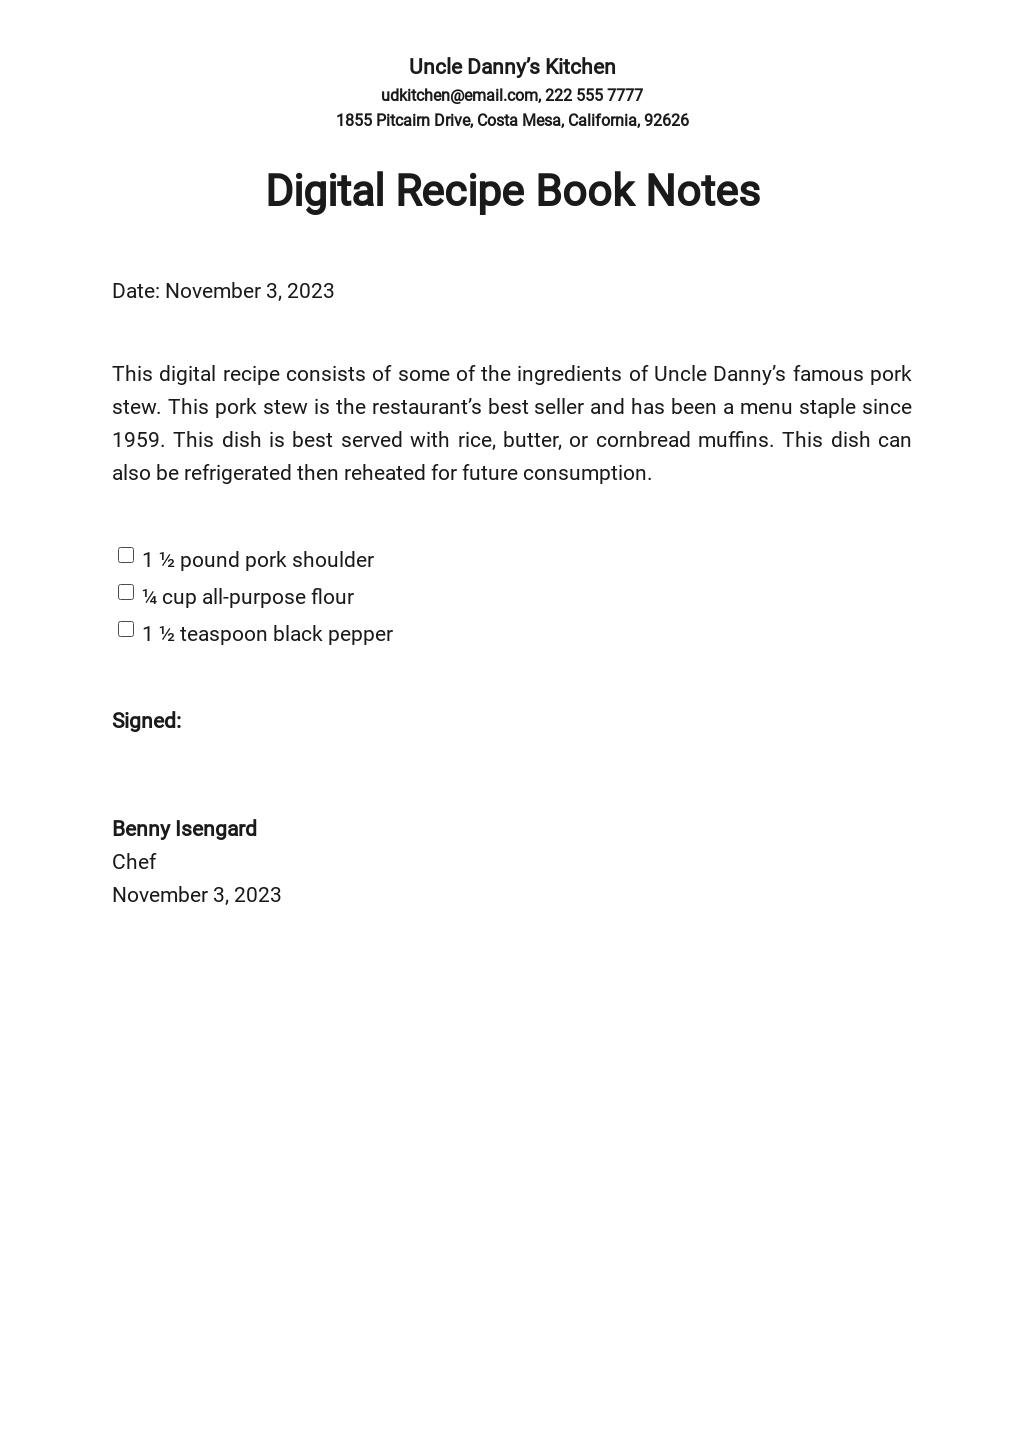 Digital Recipe Book Notes Template